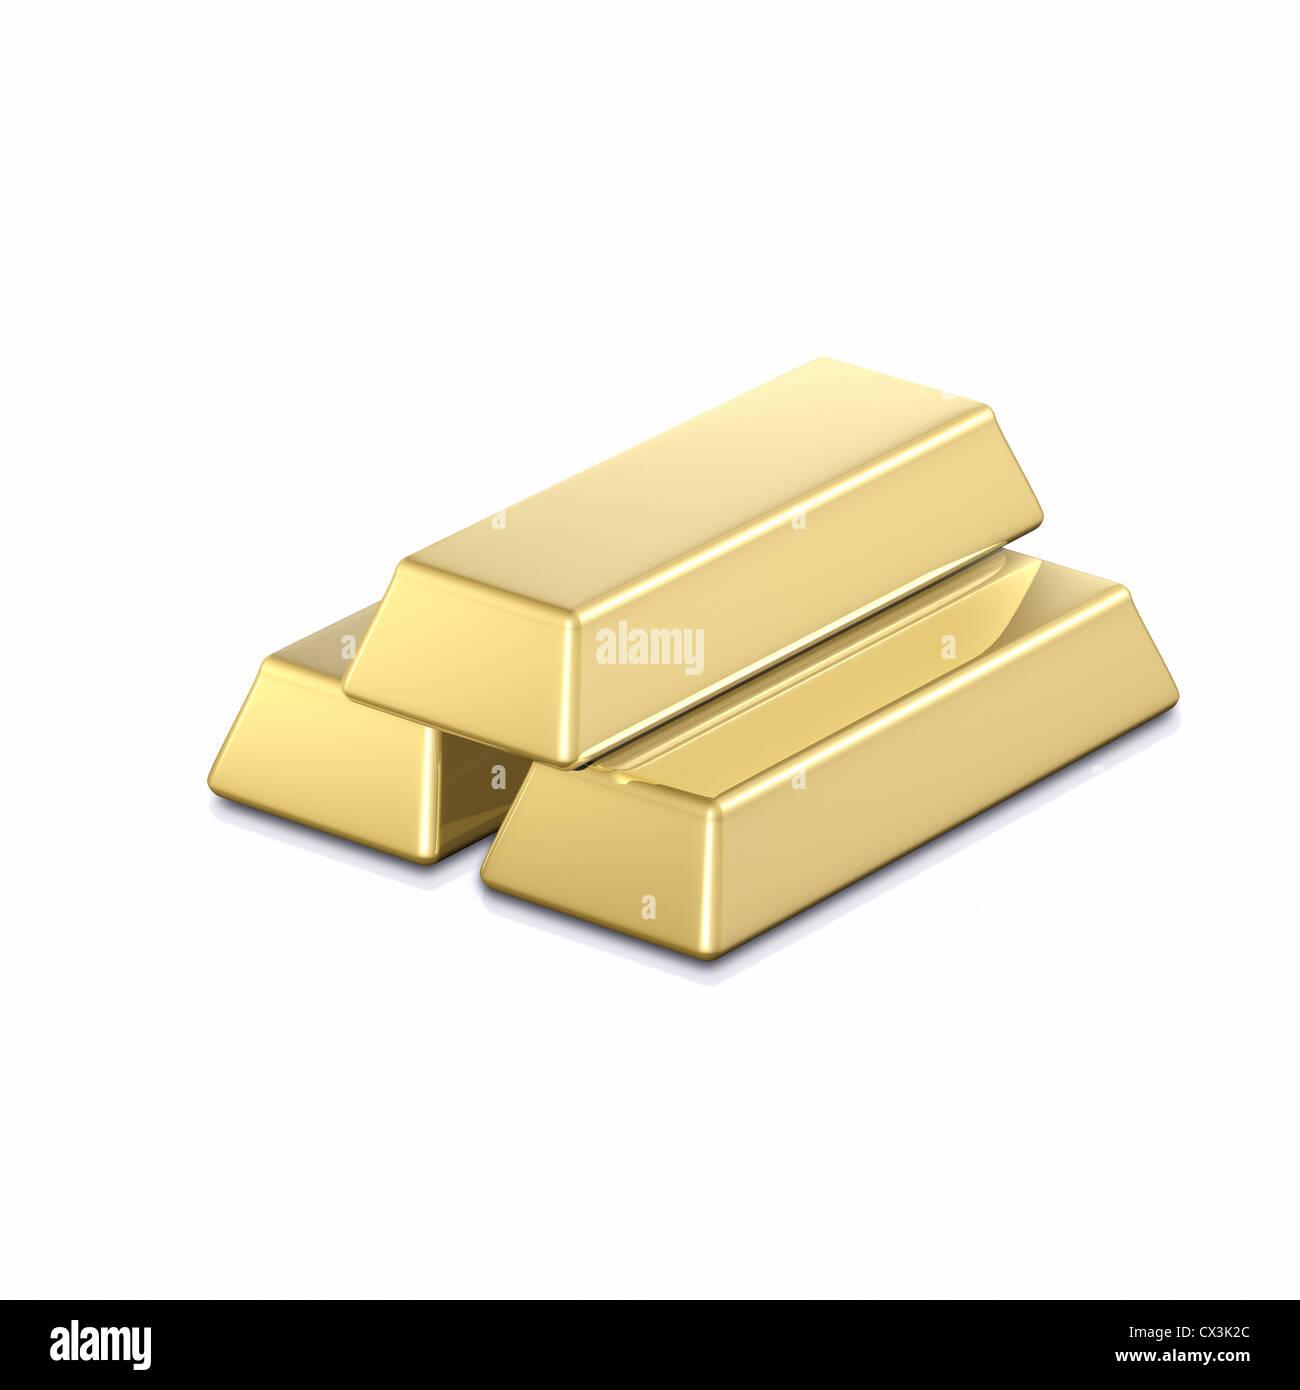 3 Goldbarren auf weissem Hintergrund - 3 gold bars - Stock Image